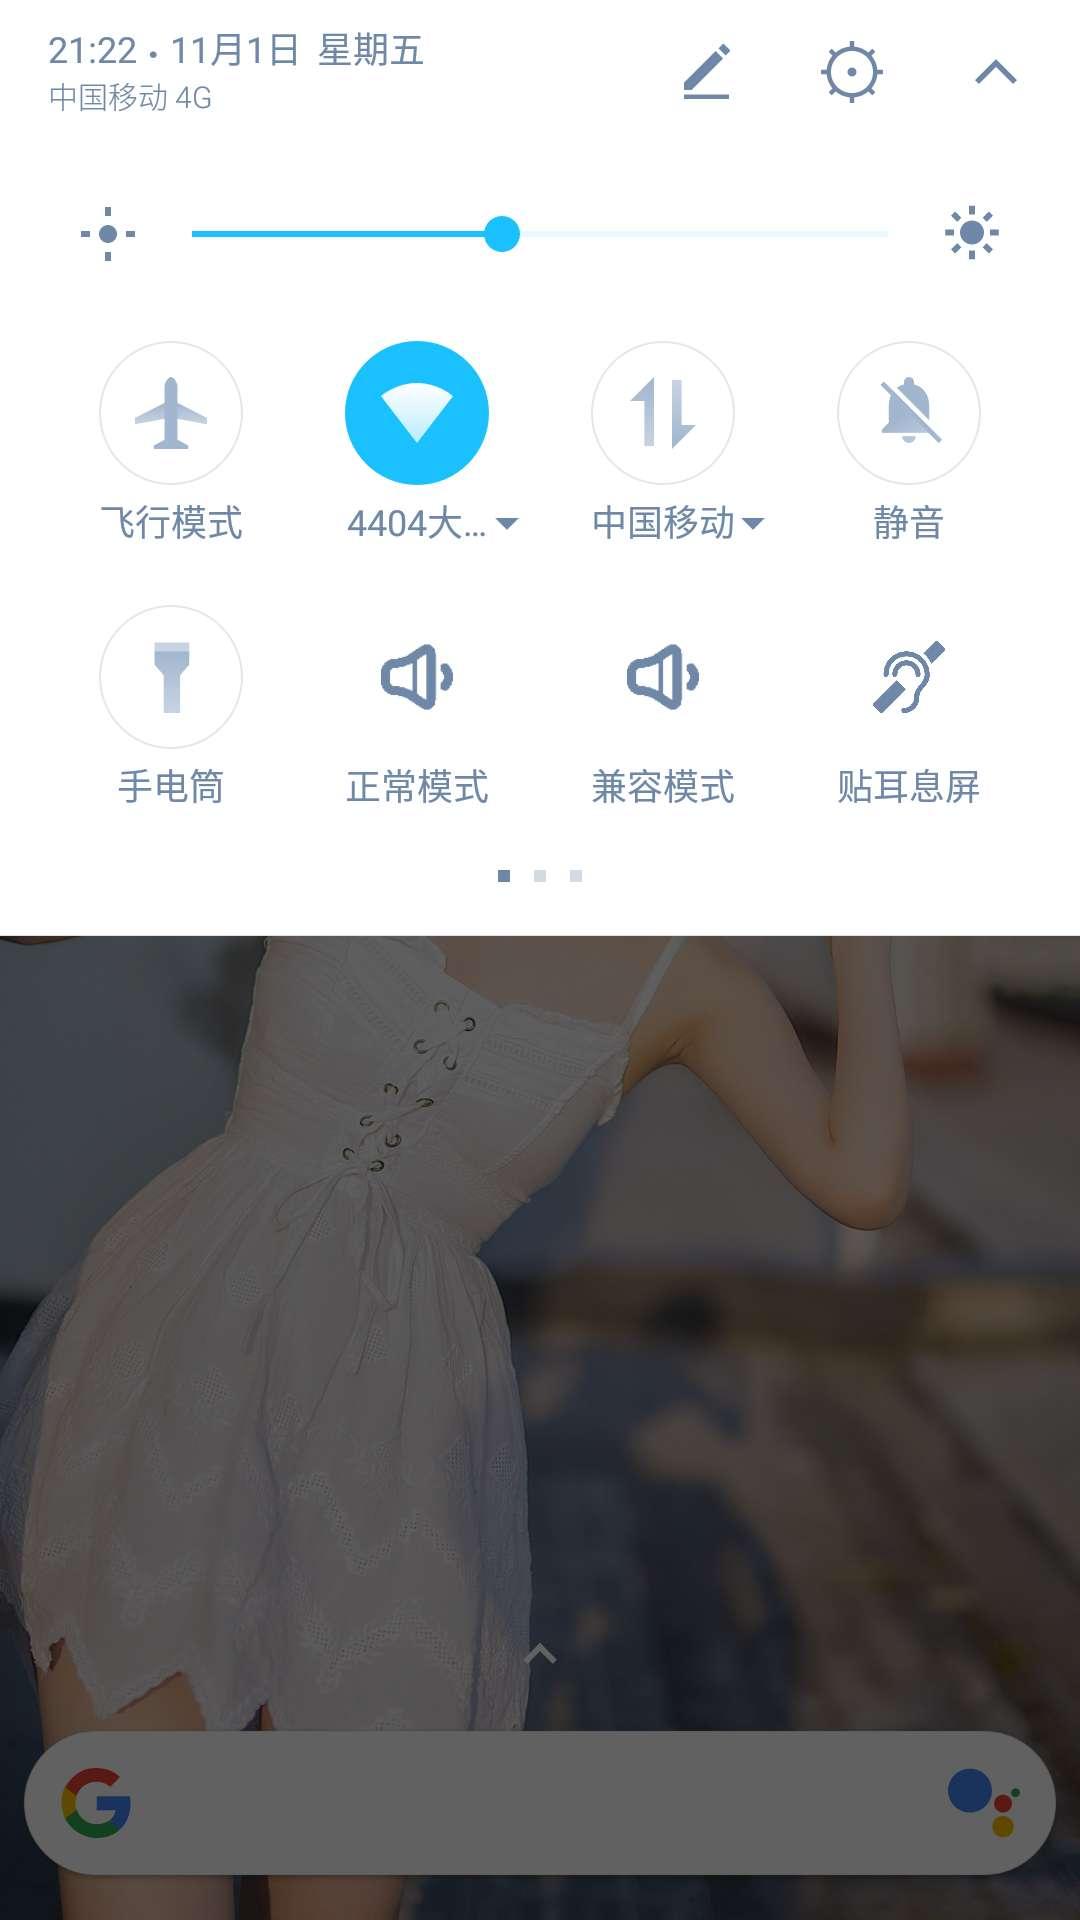 【分享】完全静音 V1.6 Android